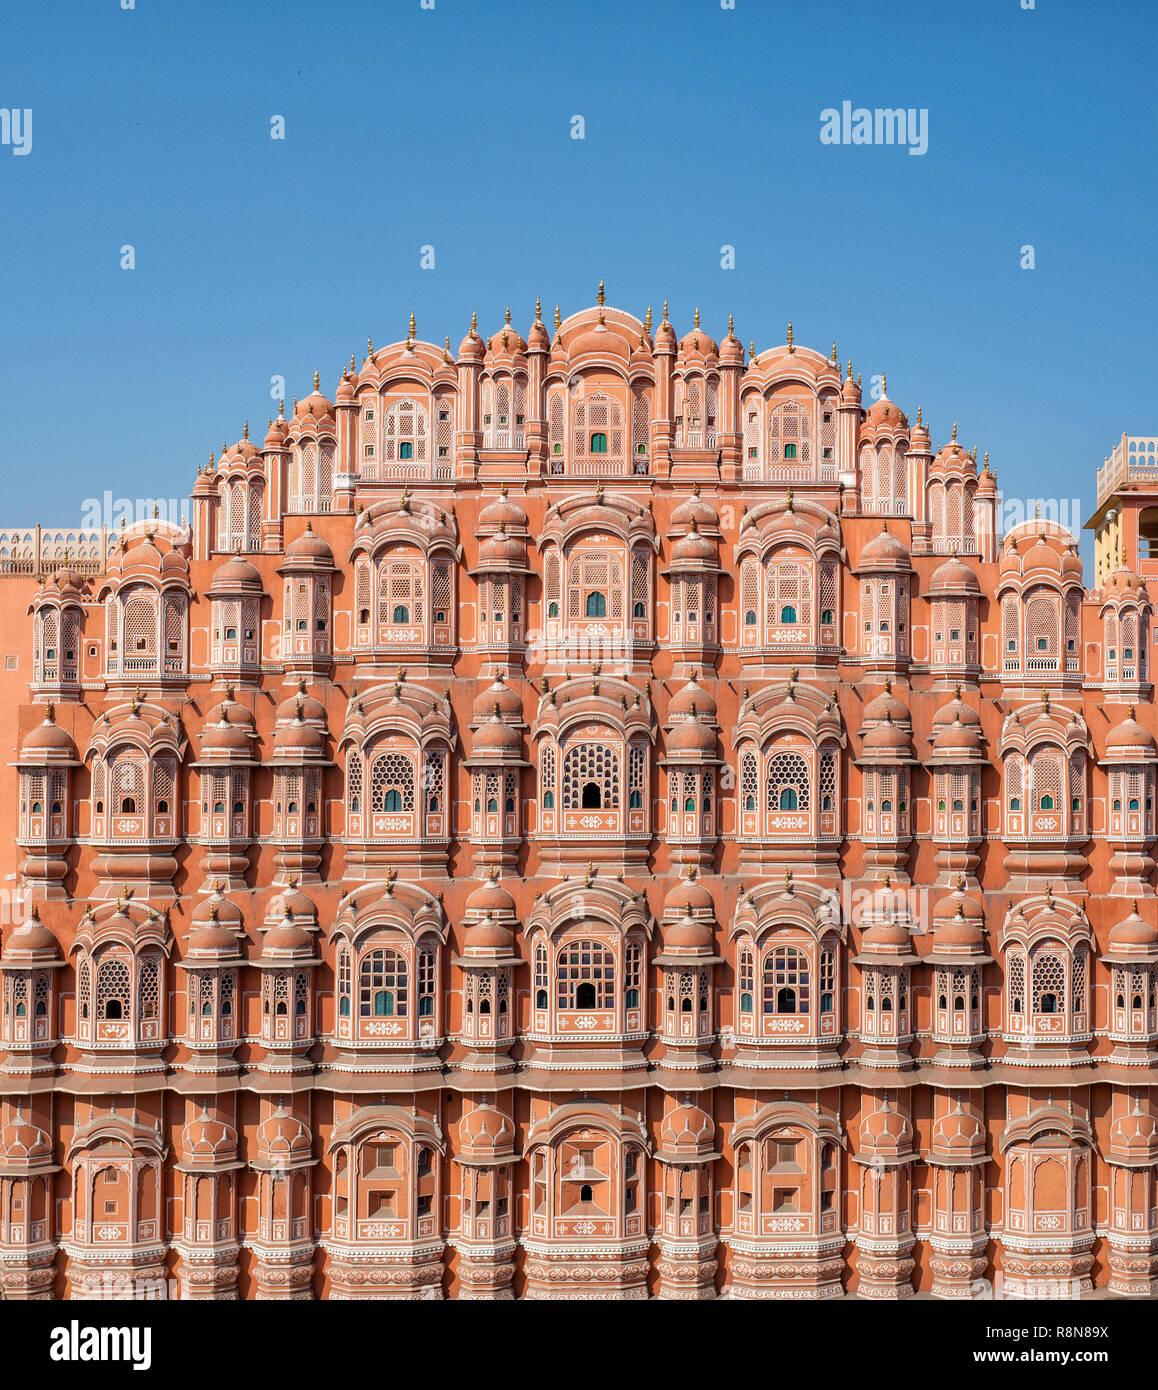 Hawa Mahal palace (Palace of the Winds), Jaipur, Rajasthan Stock Photo